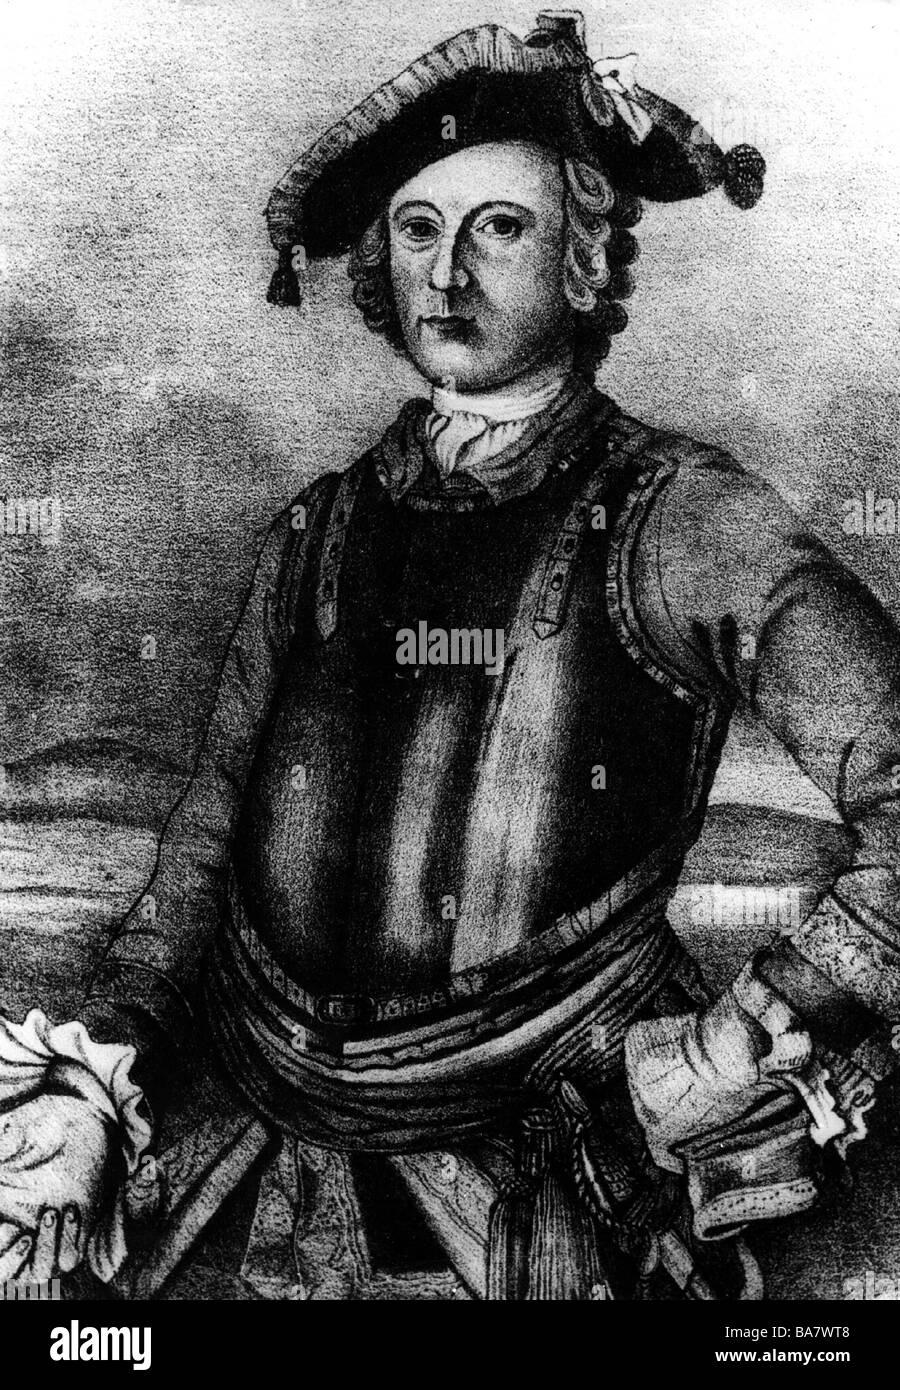 Münchhausen, Barón Karl Friedrich Hieronymus, Freiherr von, 11.5.1720 - 22.2.1797, longitud media, litografía, circa 1870, después de pintar, Foto de stock